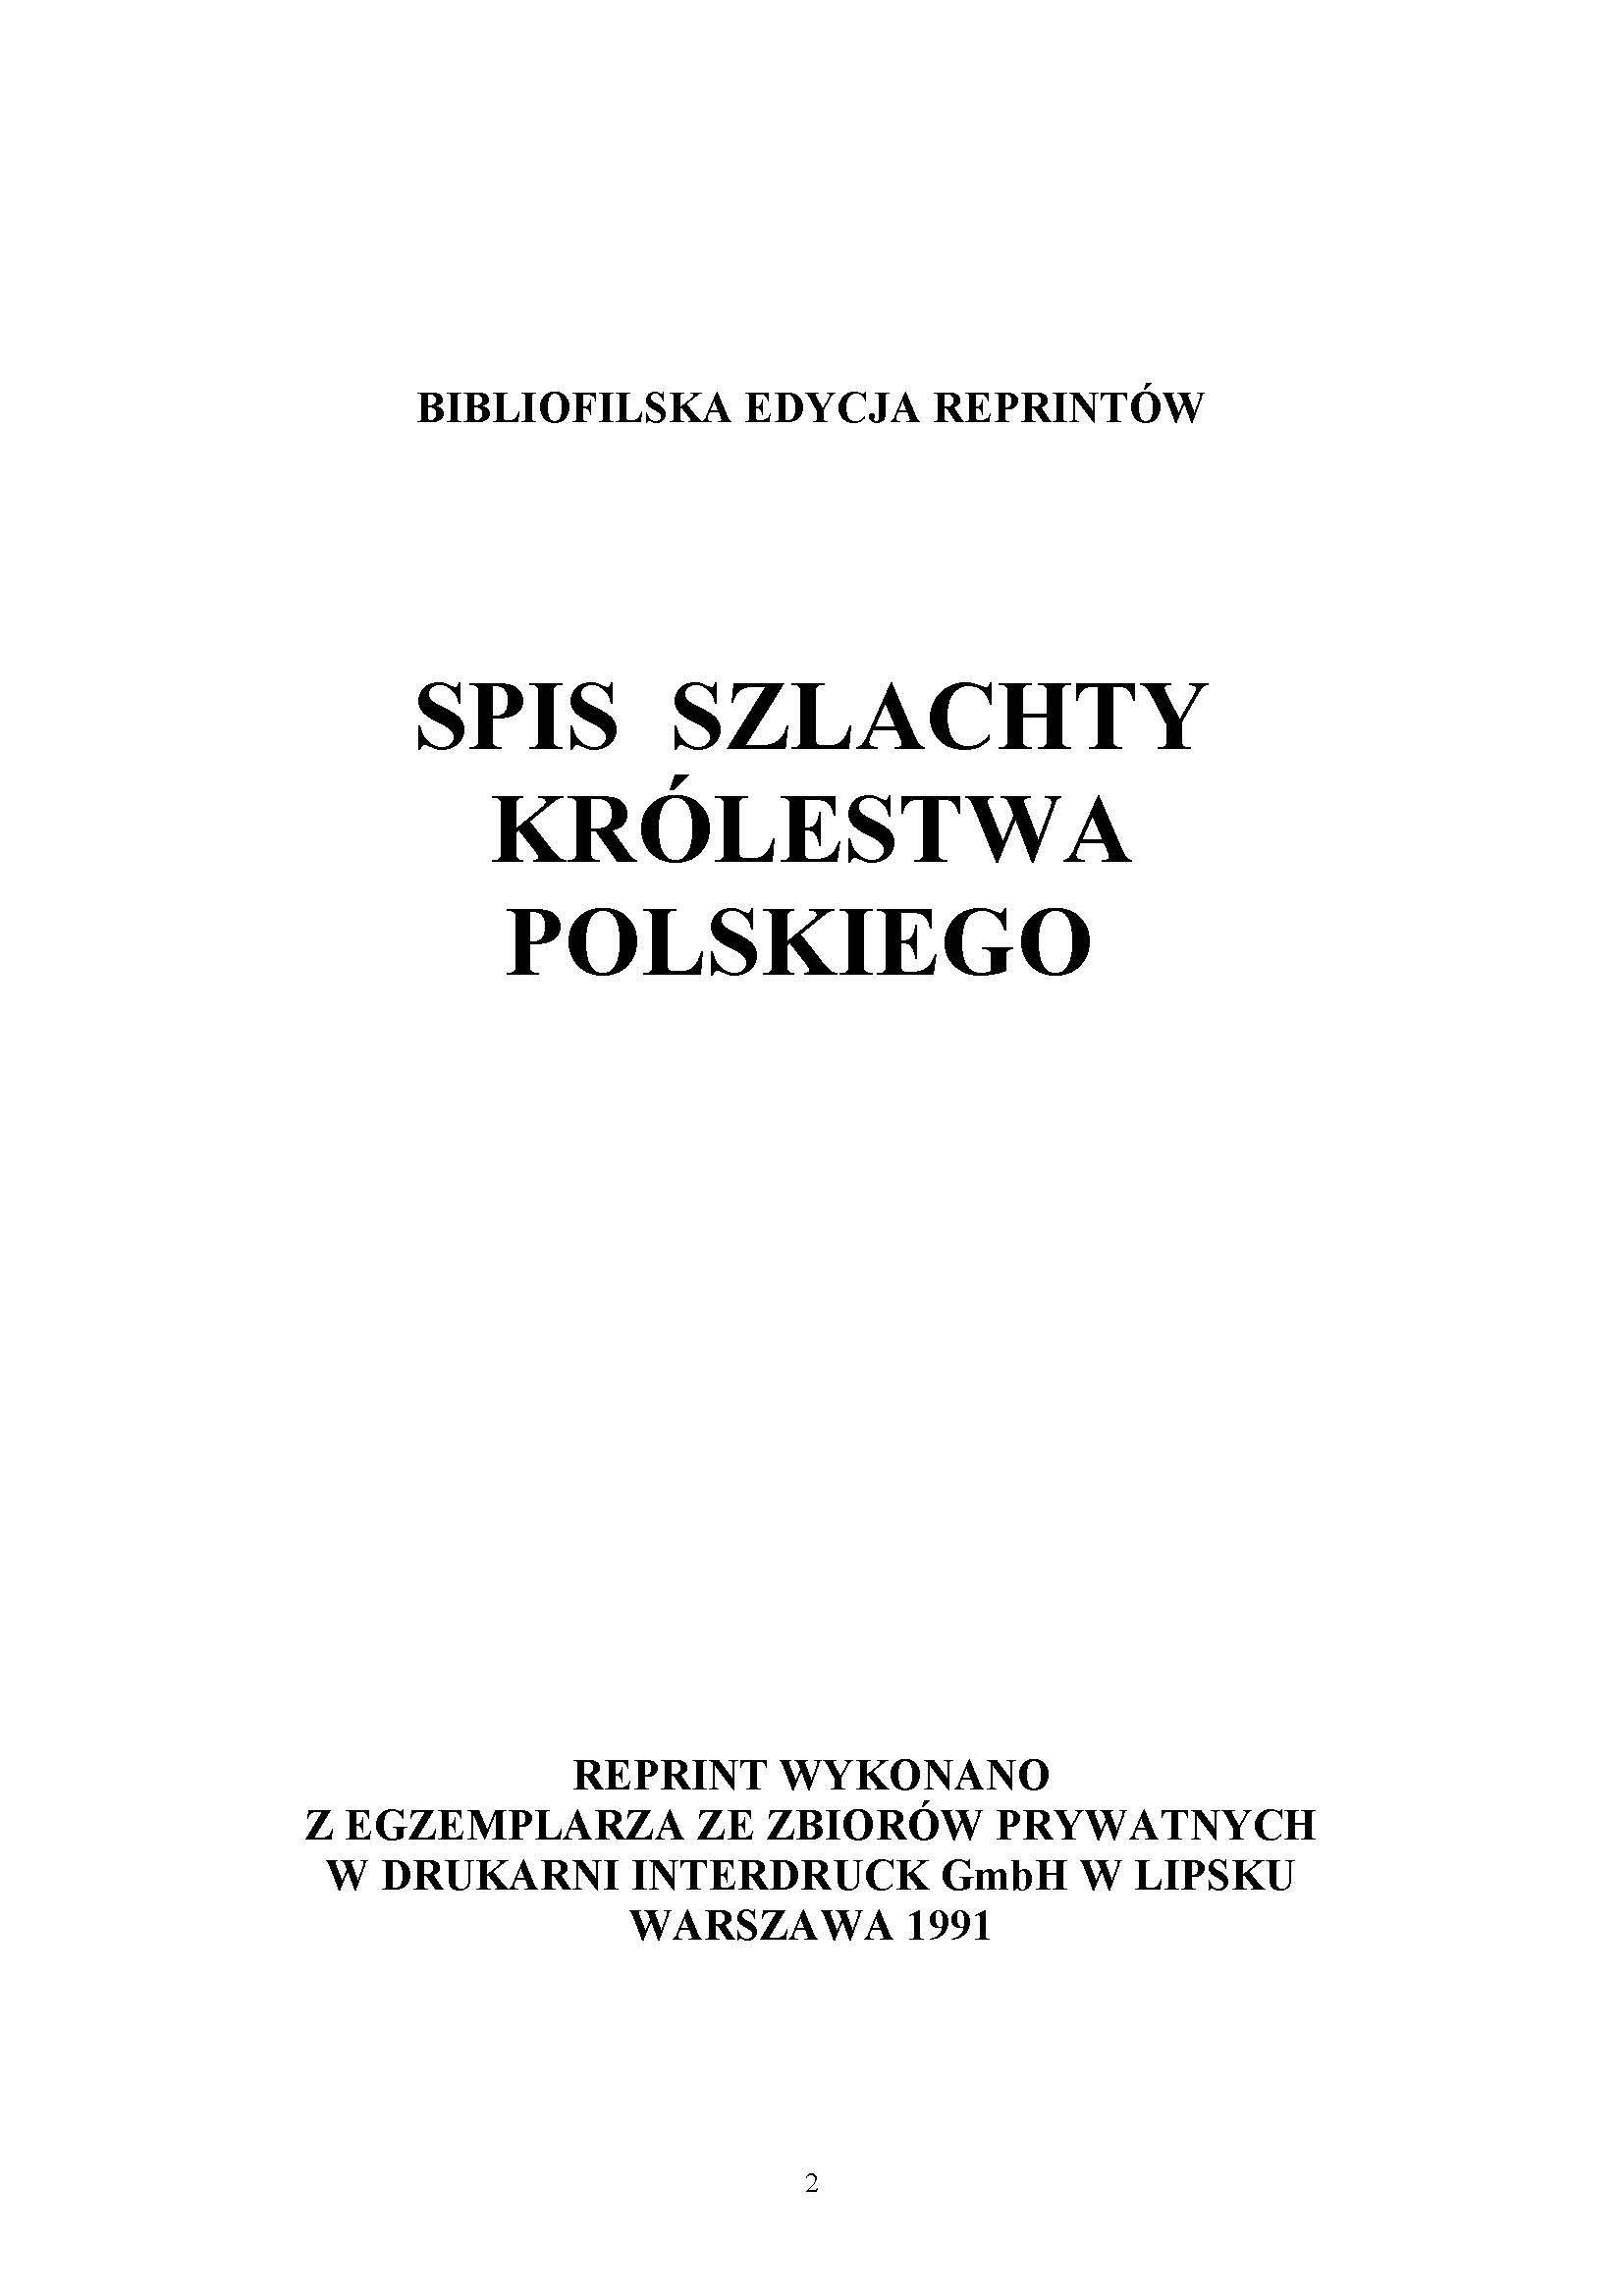 spis_szlachty_krolestwa_polskiego-1